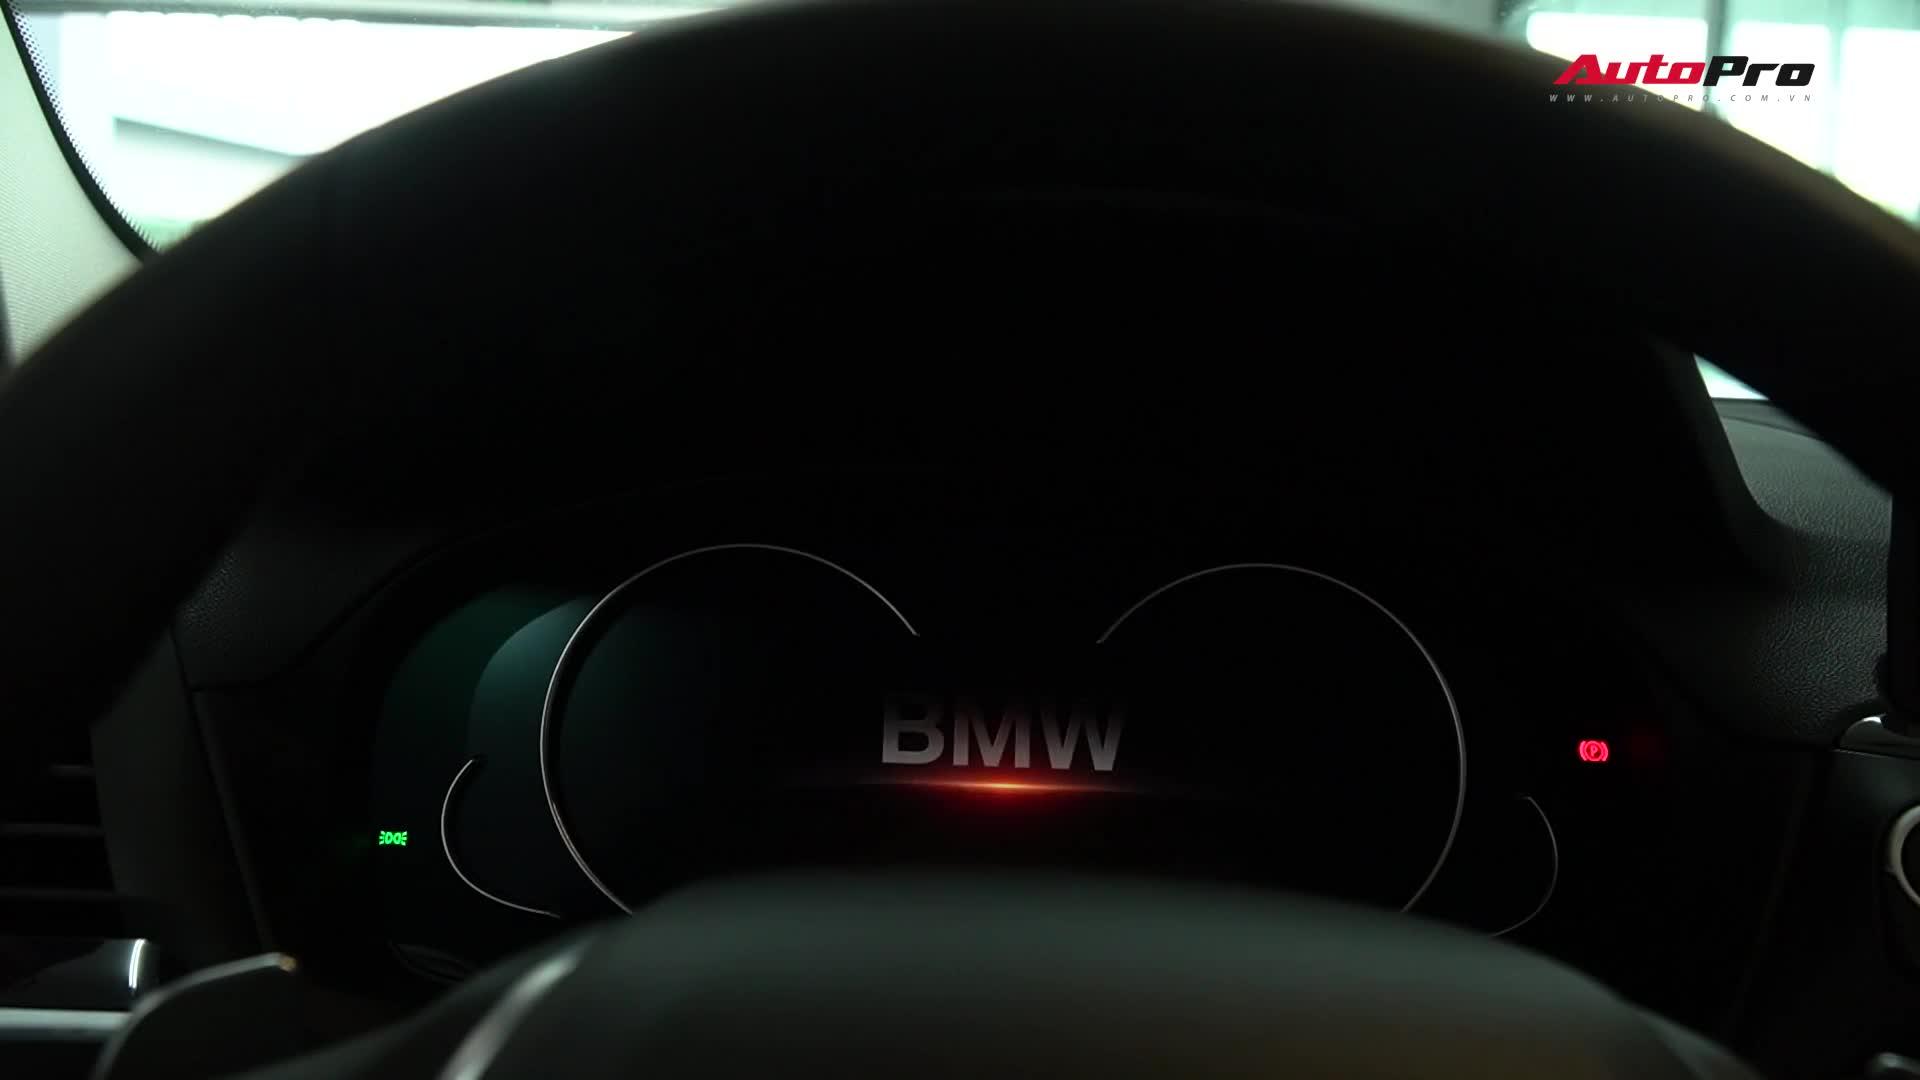 Khám phá công nghệ trên BMW X3